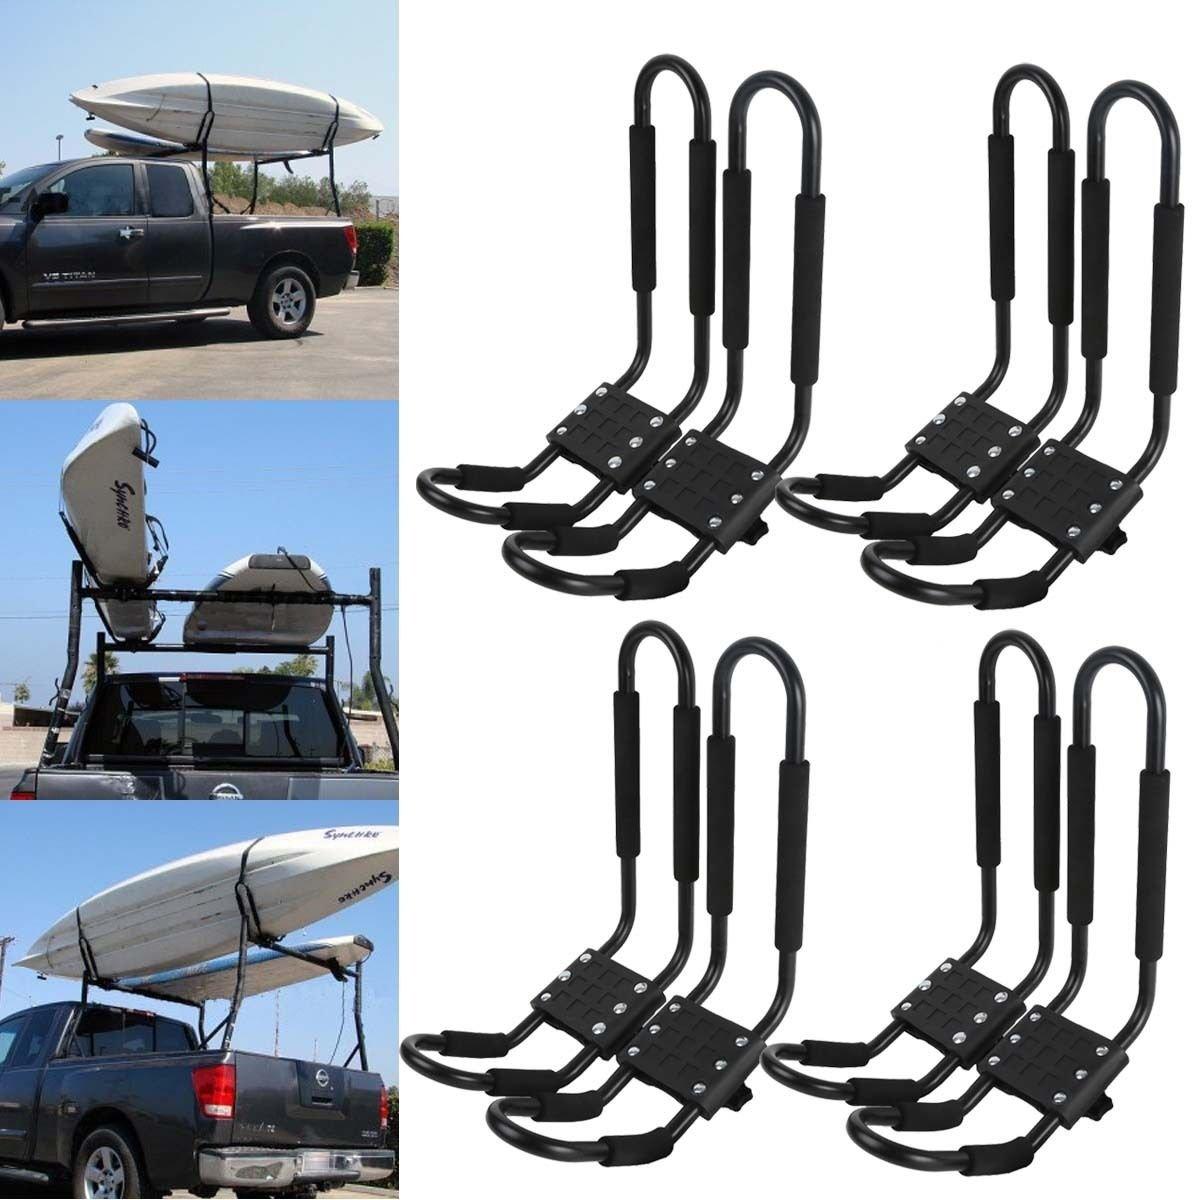 TCMT J-Bar Rack HD Kayak Carrier Canoe Boat Surf Ski Roof Top Mount Car SUV Crossbar (Black, 4 Pairs) by TCMT